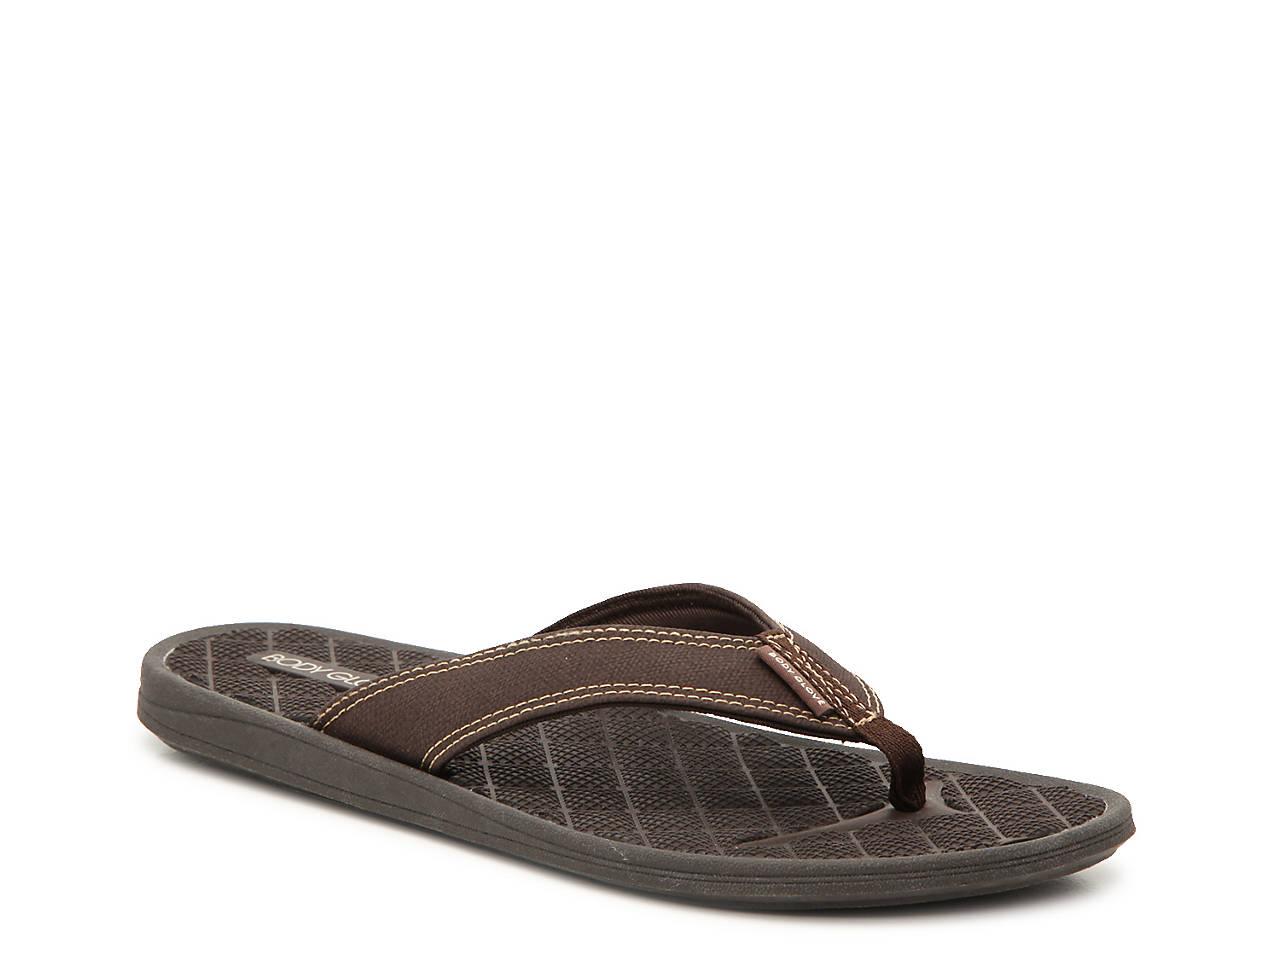 6c44bd43ce2da4 Body Glove Montego Flip Flop Men s Shoes